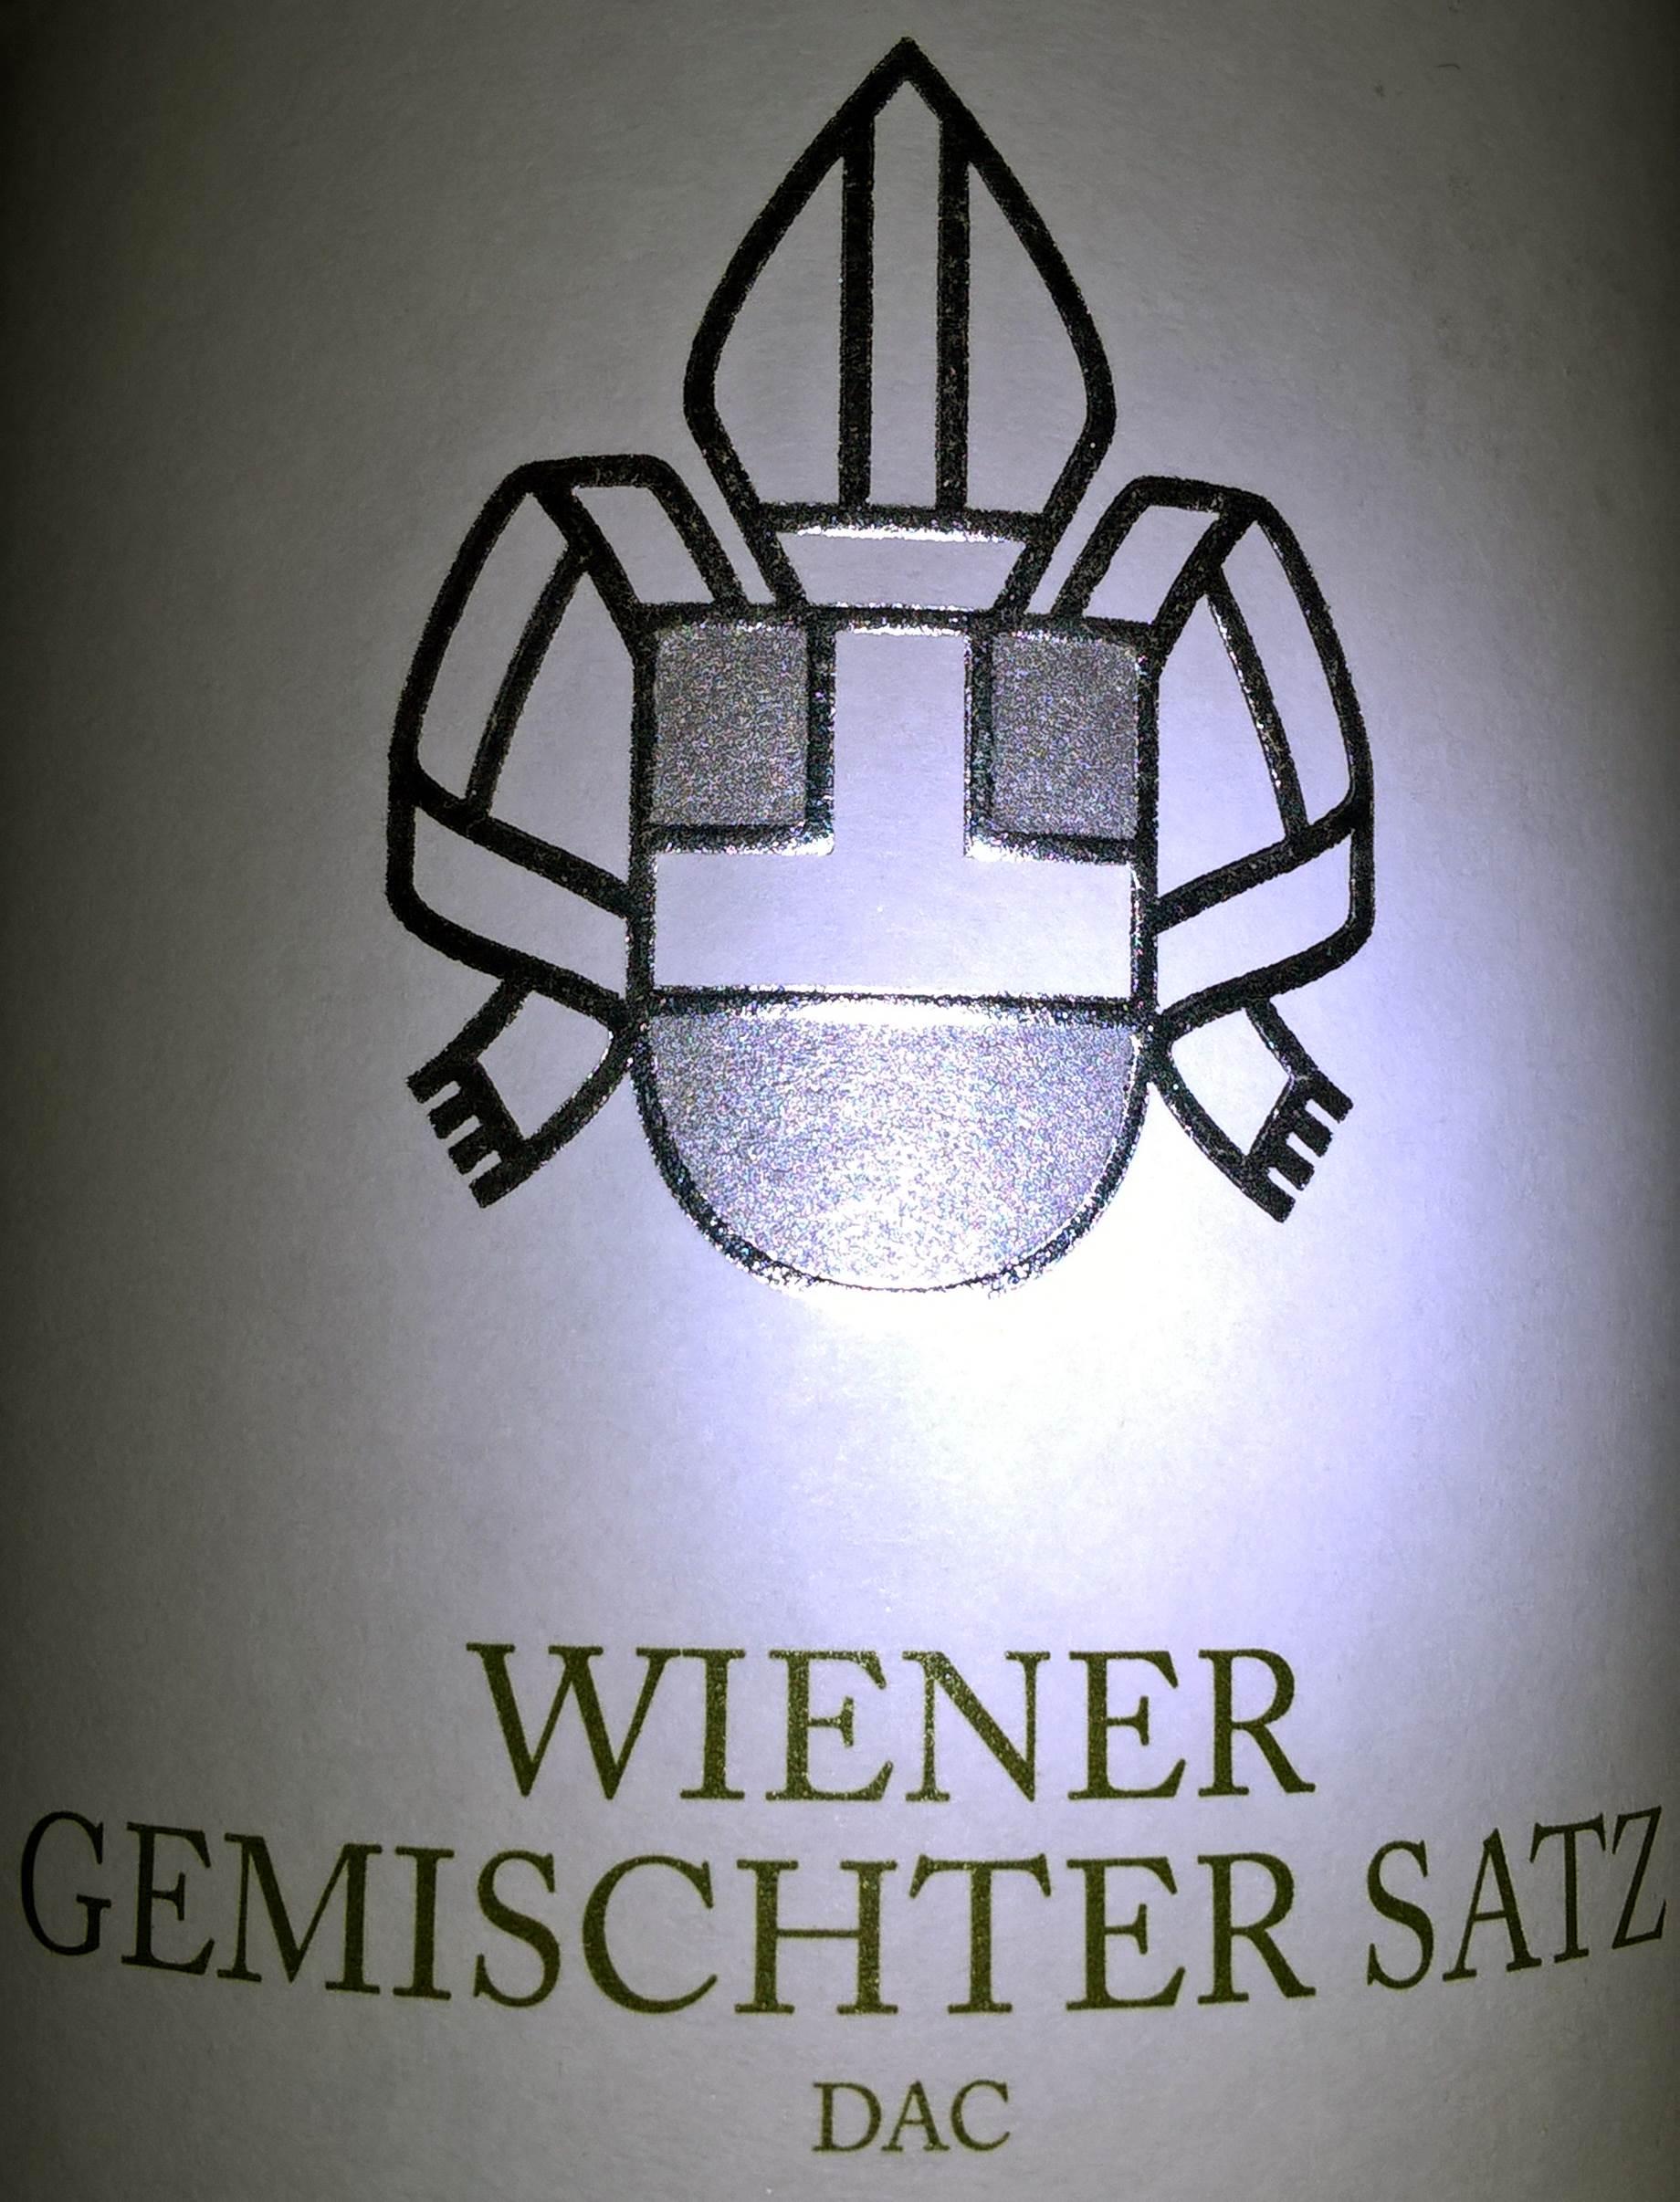 wiener-gemischter-satz-kloster-neuburg